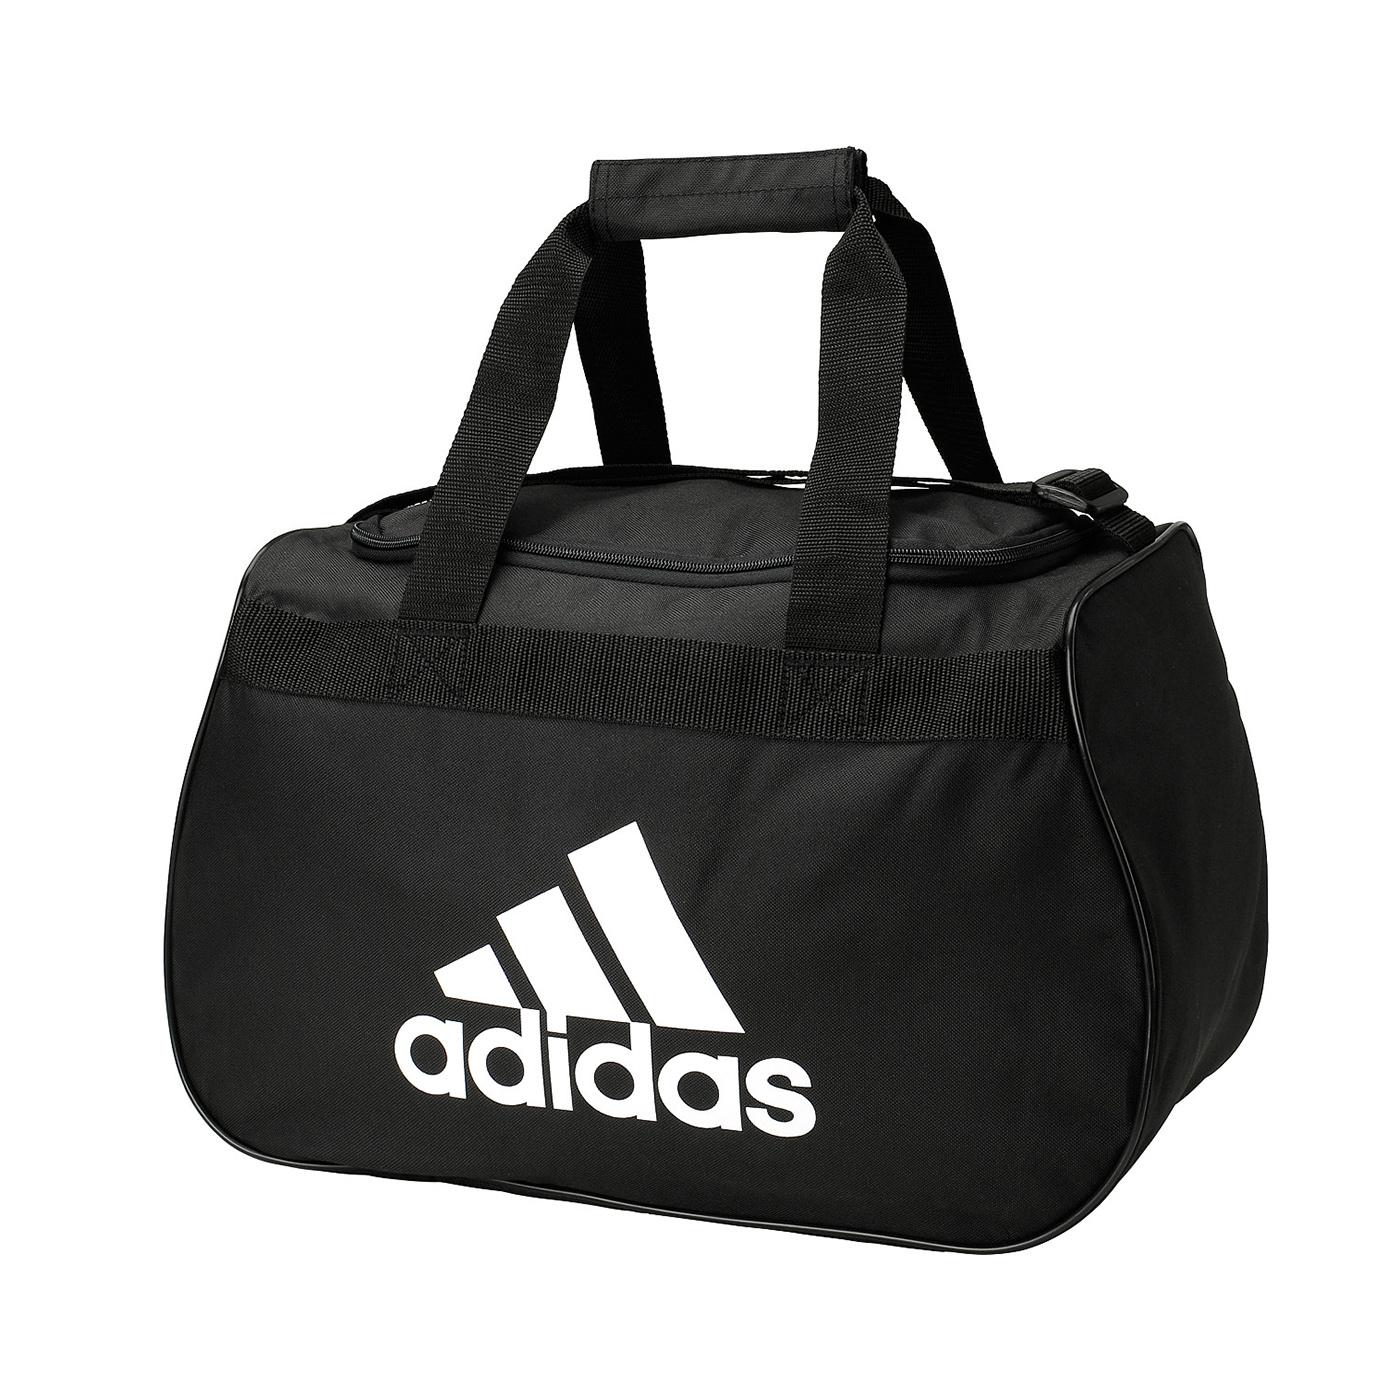 美國百分百【全新真品】Adidas 旅行袋 愛迪達 大容量 運動 行李 手提 肩背 側背包 男包 女包 黑色 A292